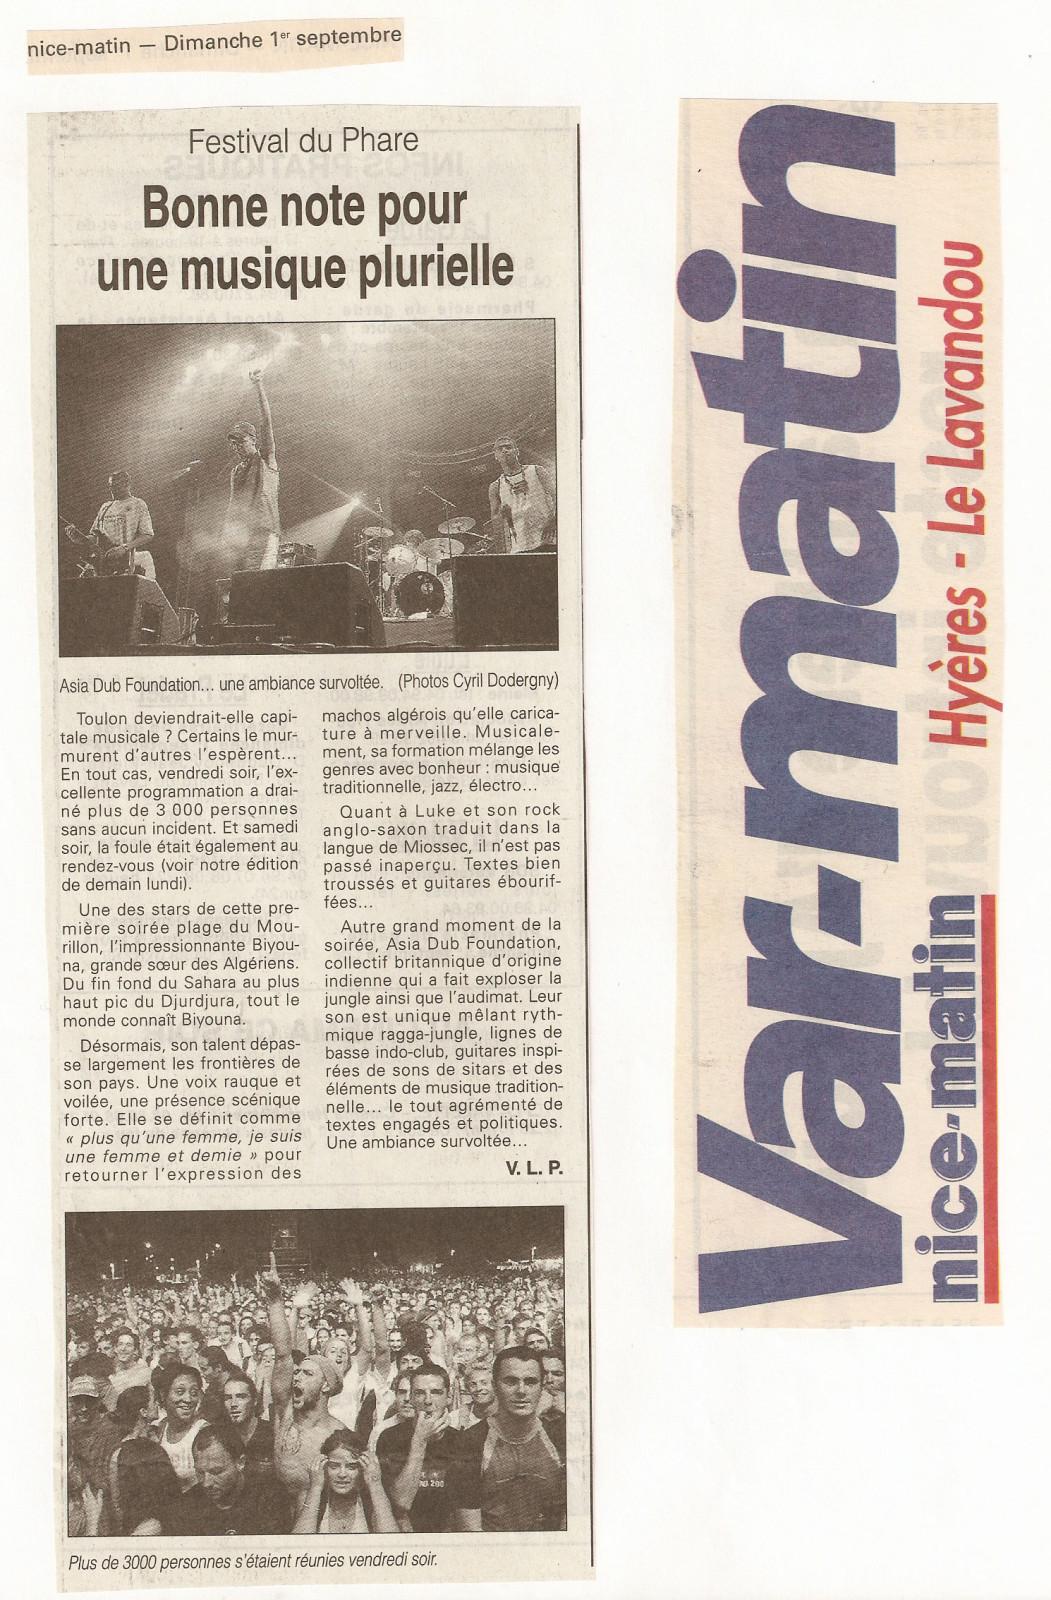 Festival du Phare  | Toulon | 2002 | Revue de presse Festival du Phare  | Toulon | 2002 | Revue de presse var matin festival du phare